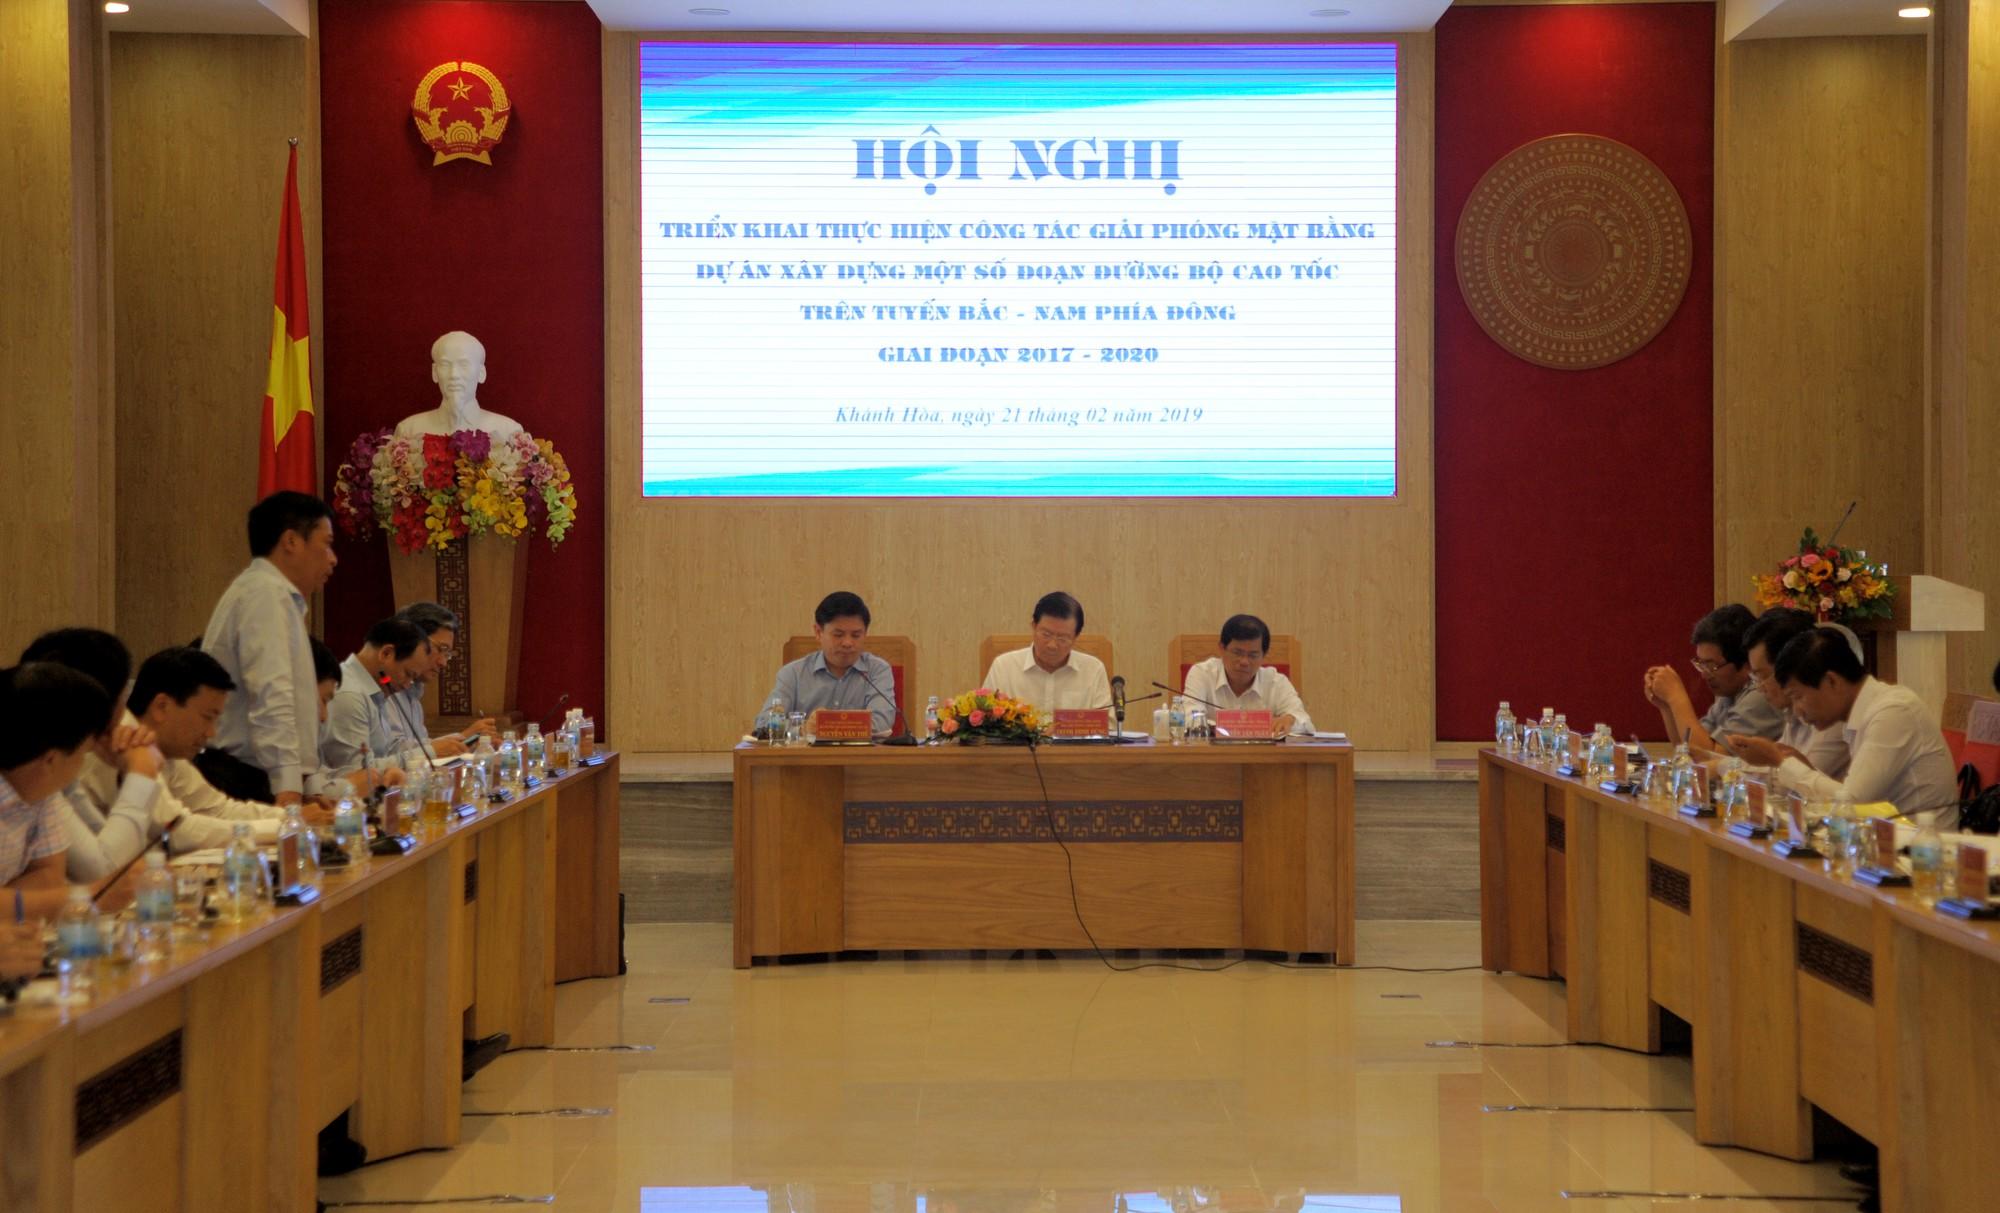 Khánh Hòa: Công tác GPMB cao tốc Bắc - Nam phải đảm bảo lợi ích người dân - Ảnh 2.